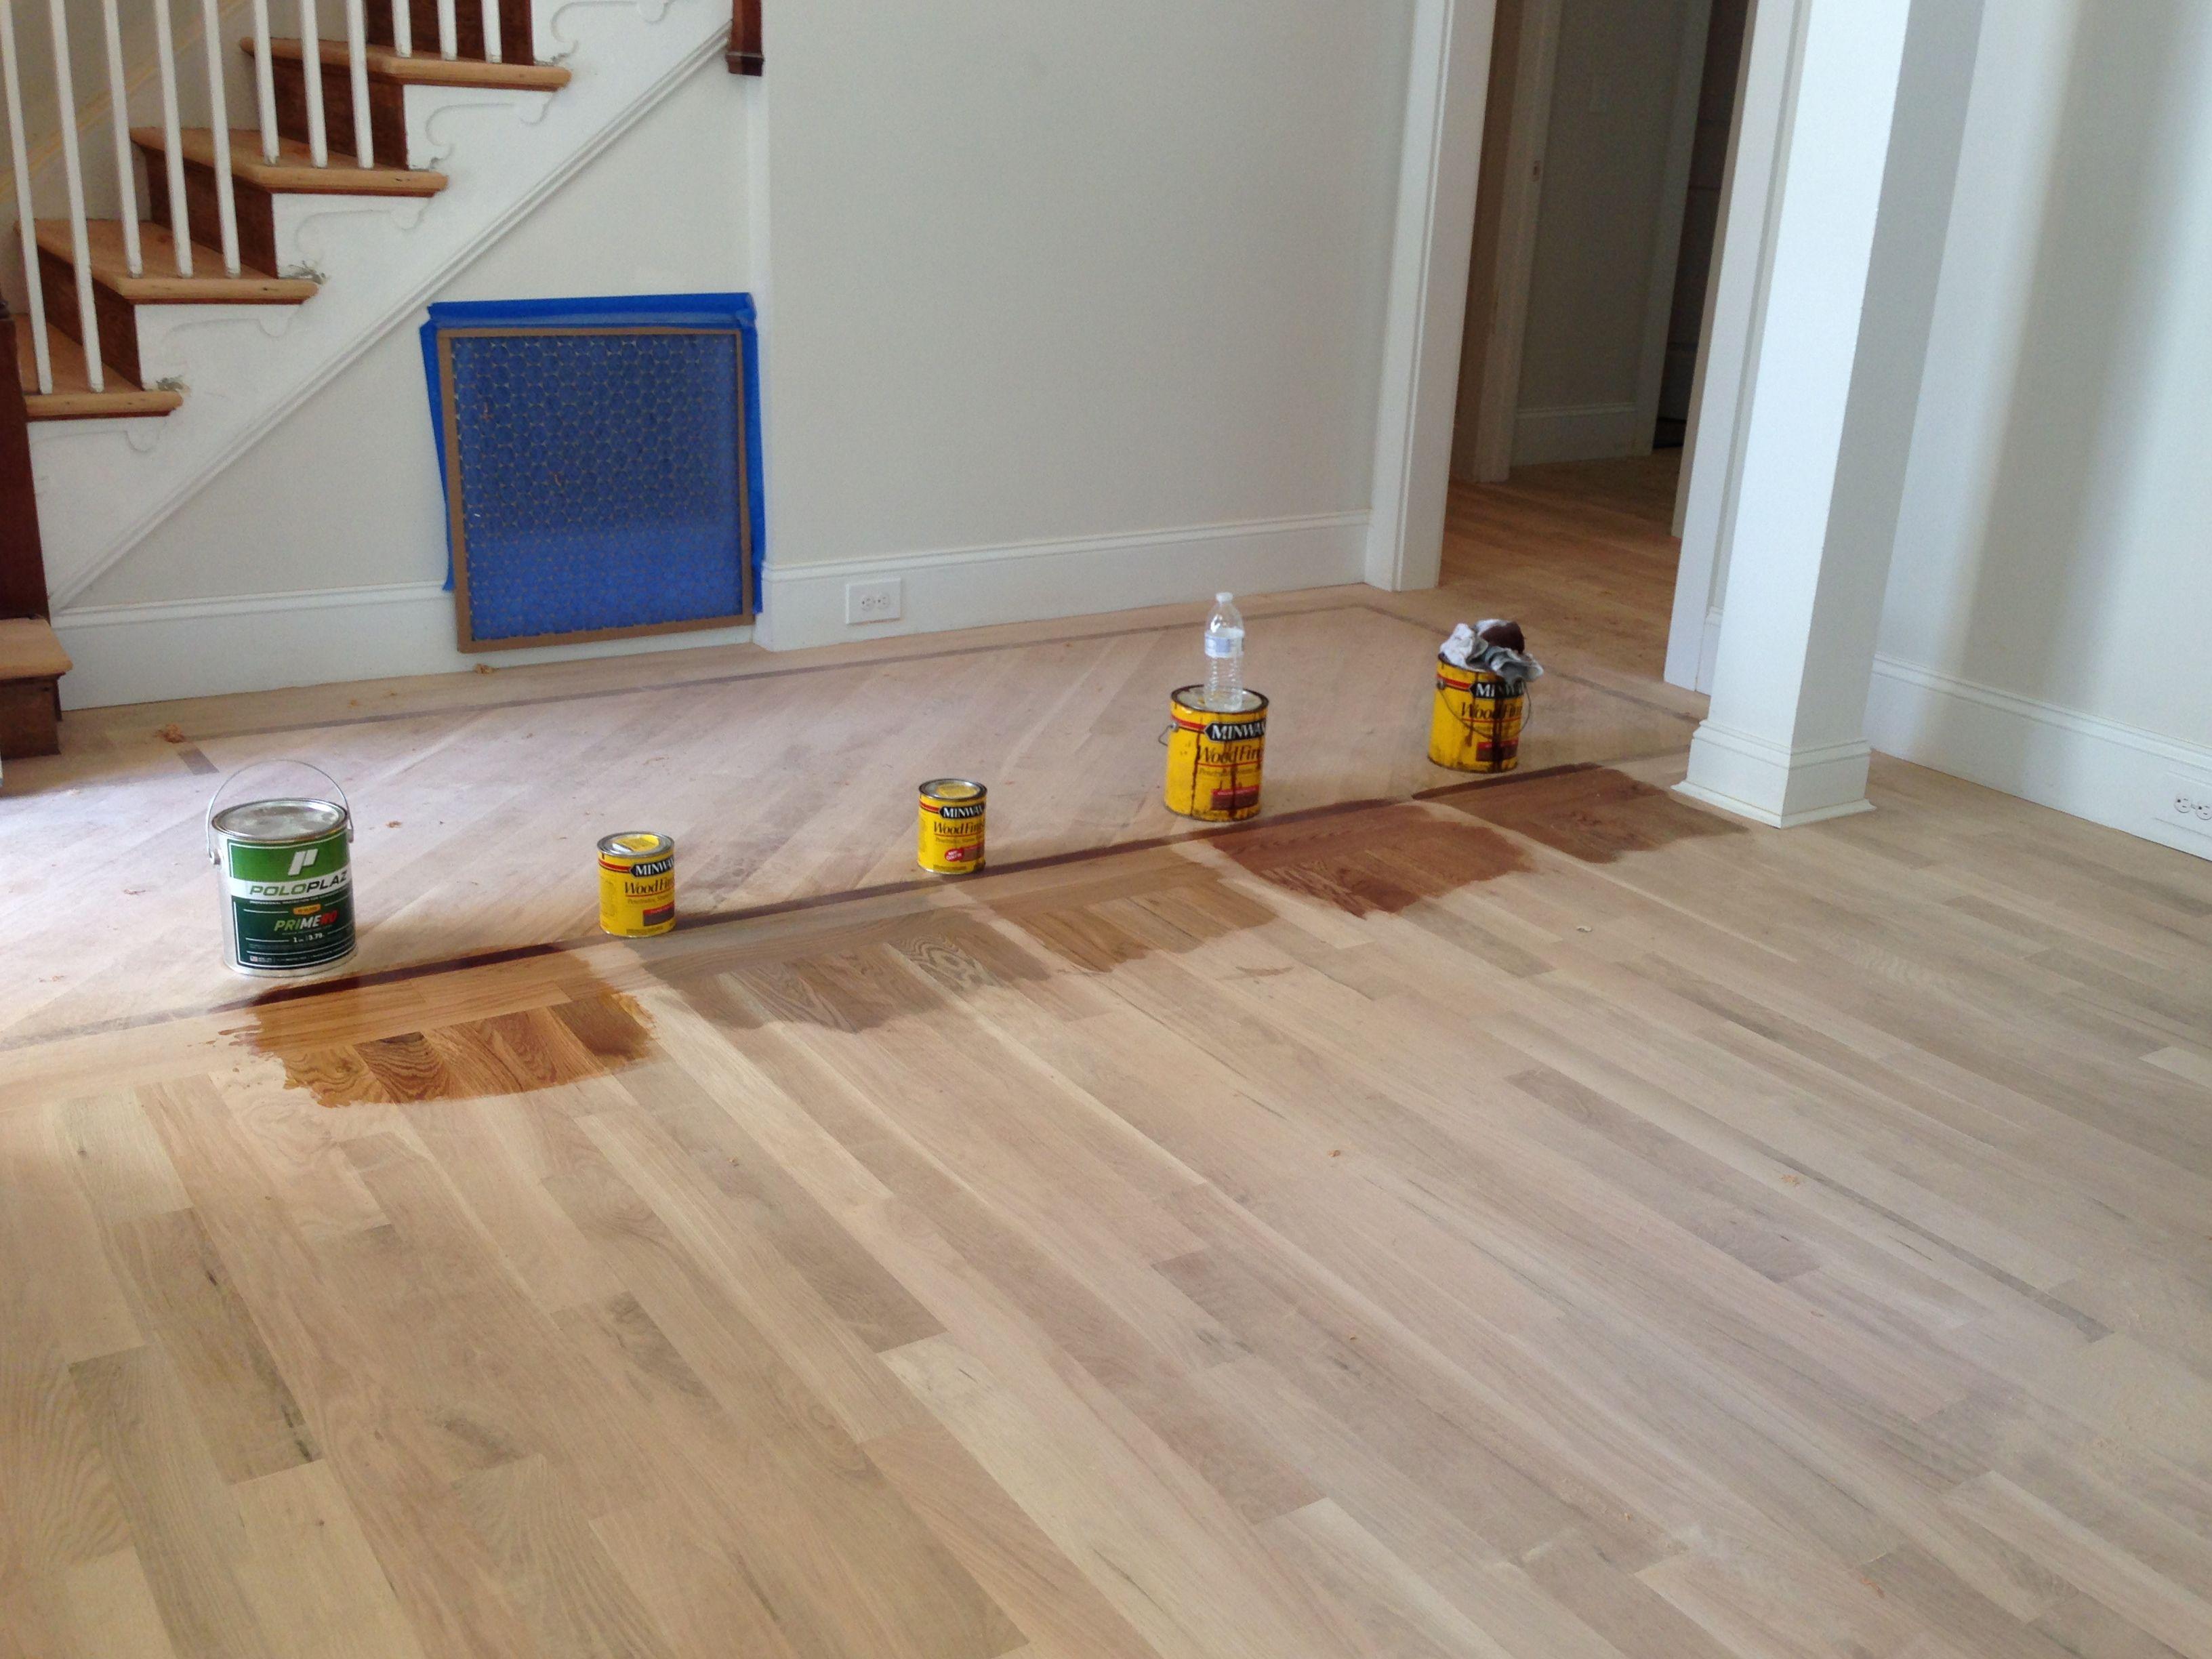 Minwax floor stains for White Oak flooring: far left, just ...